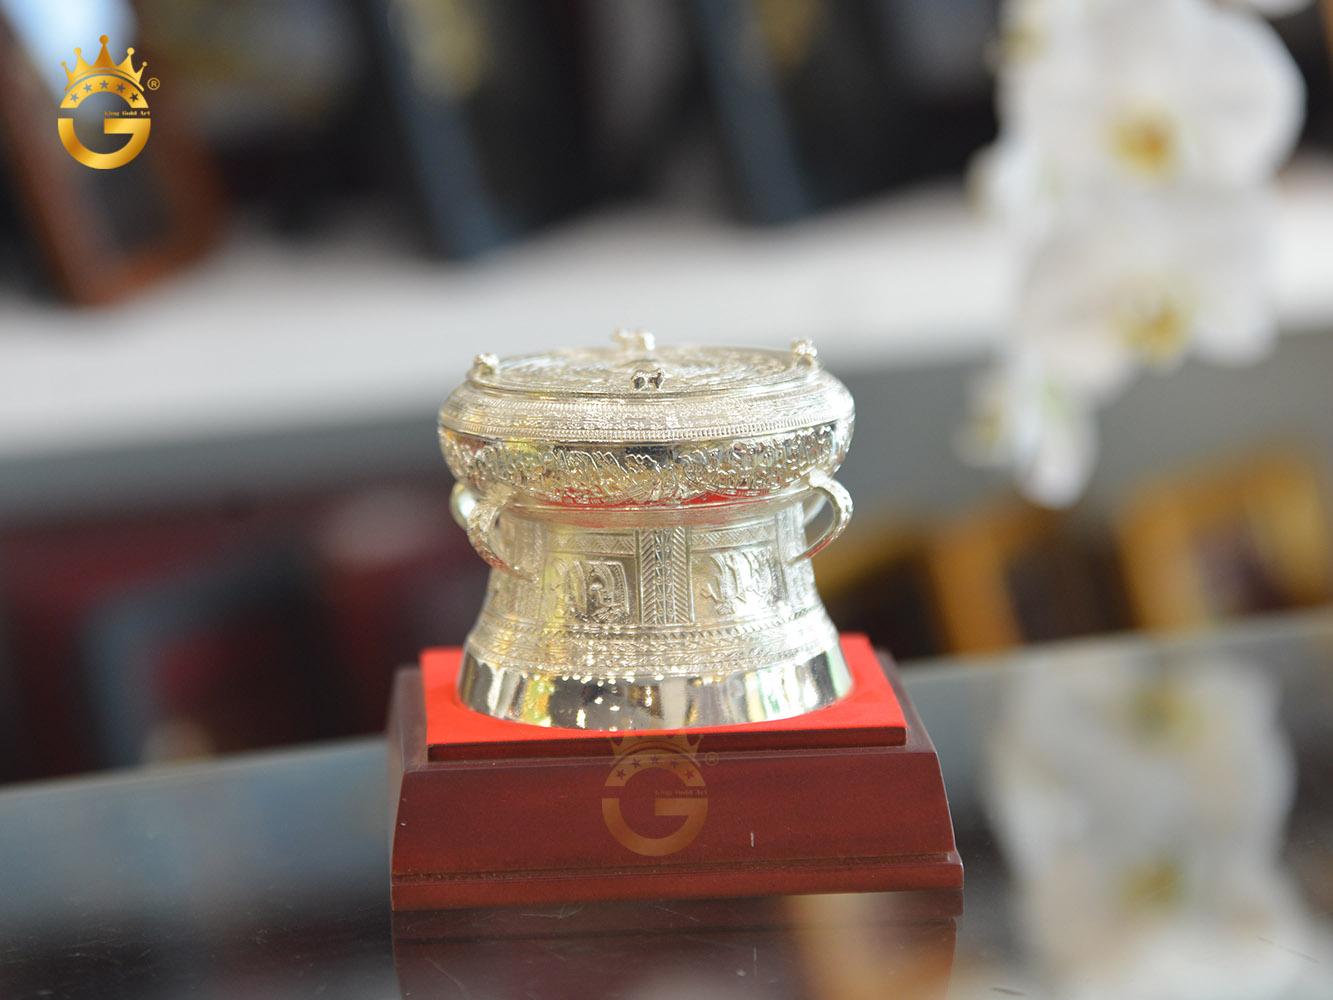 Trống đồng mạ bạc- quà tặng đối tác nước ngoài ý nghĩa0